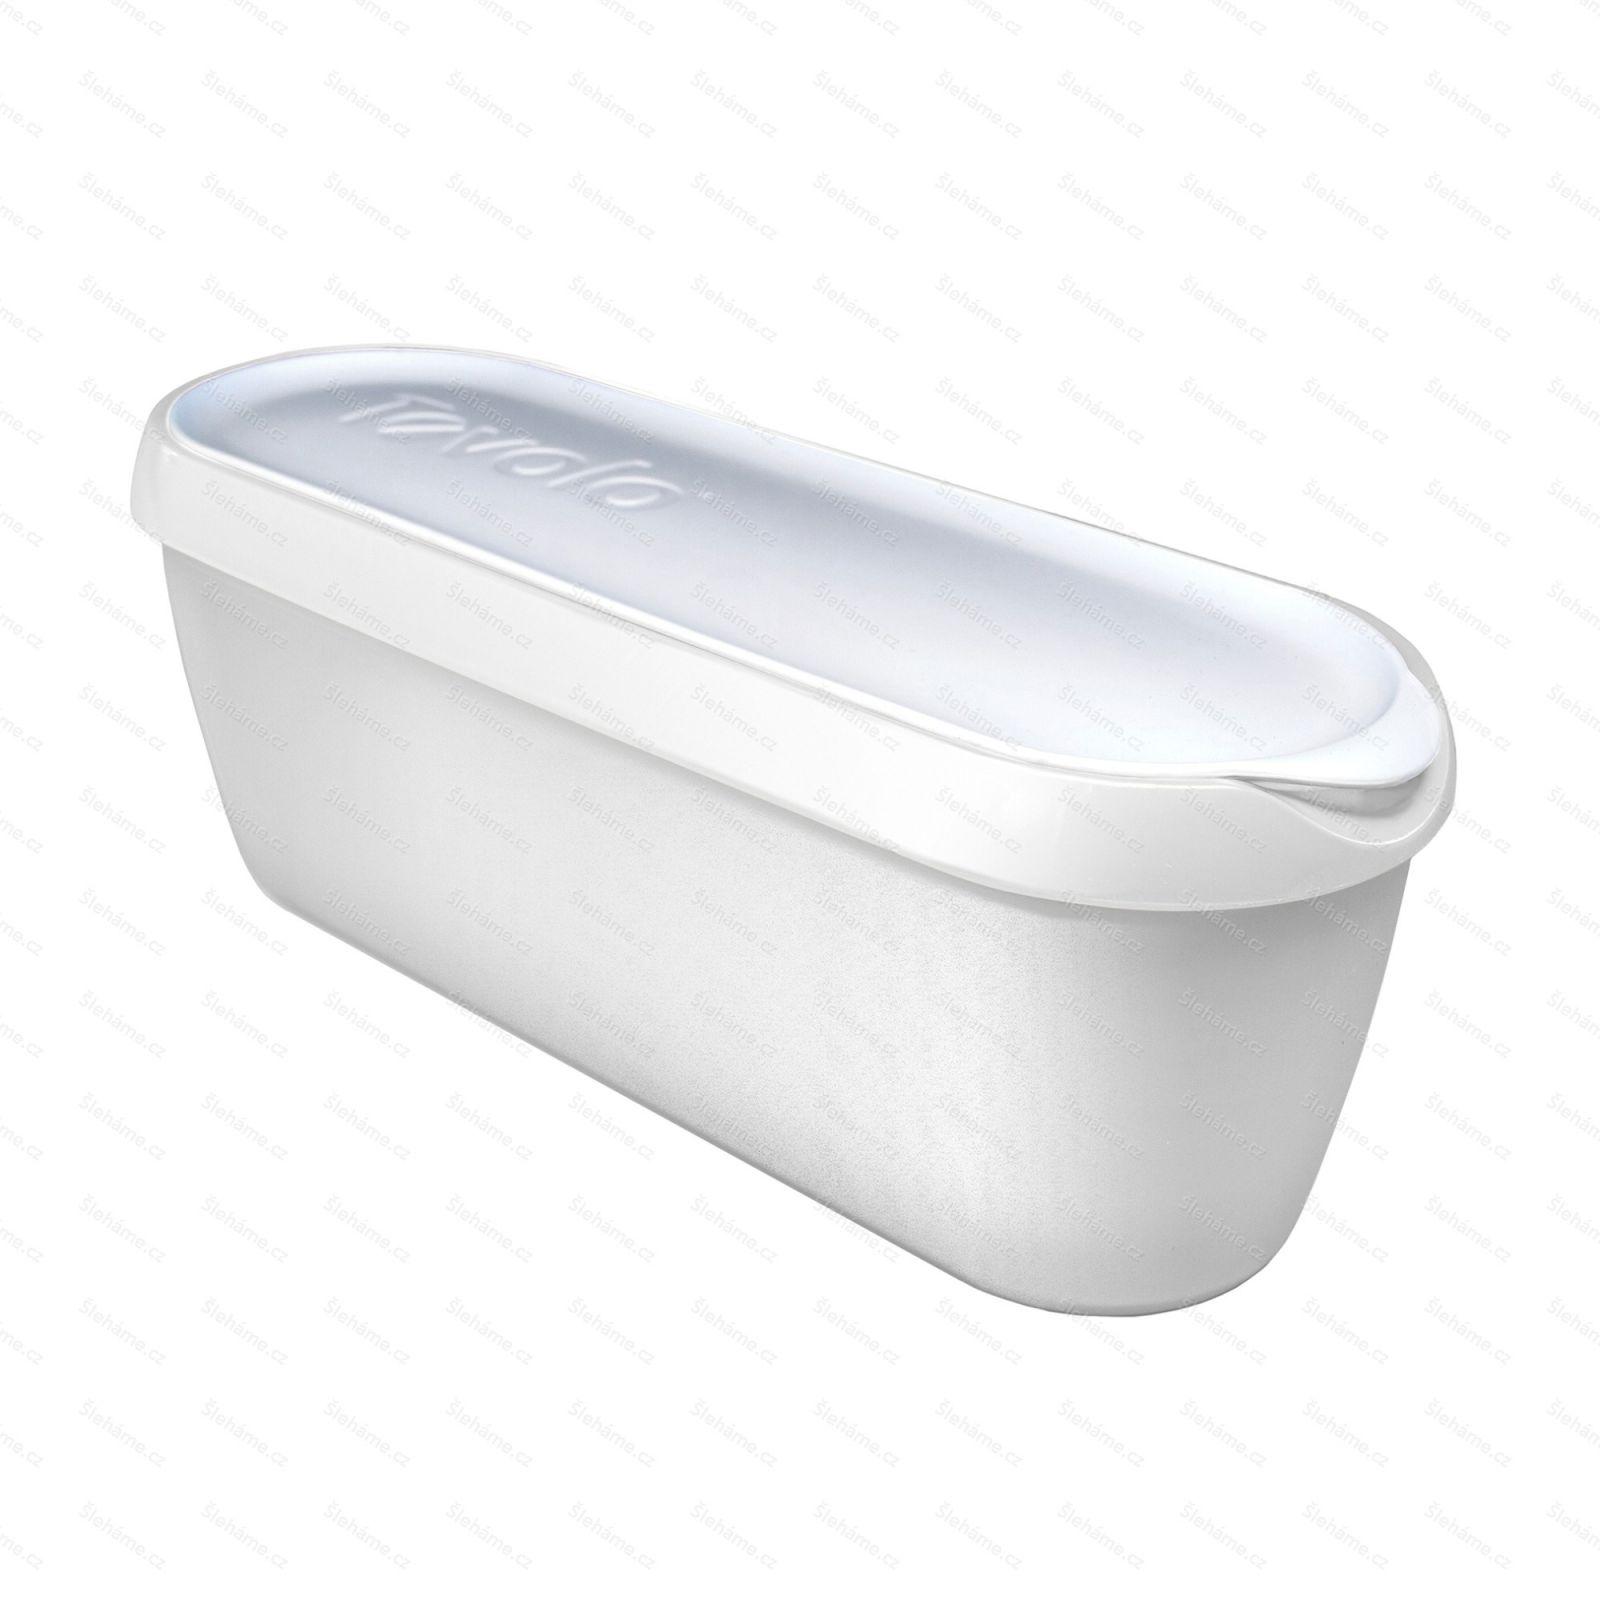 Vanička na zmrzlinu Tovolo GLIDE-A-SCOOP 1.4 l, bílá